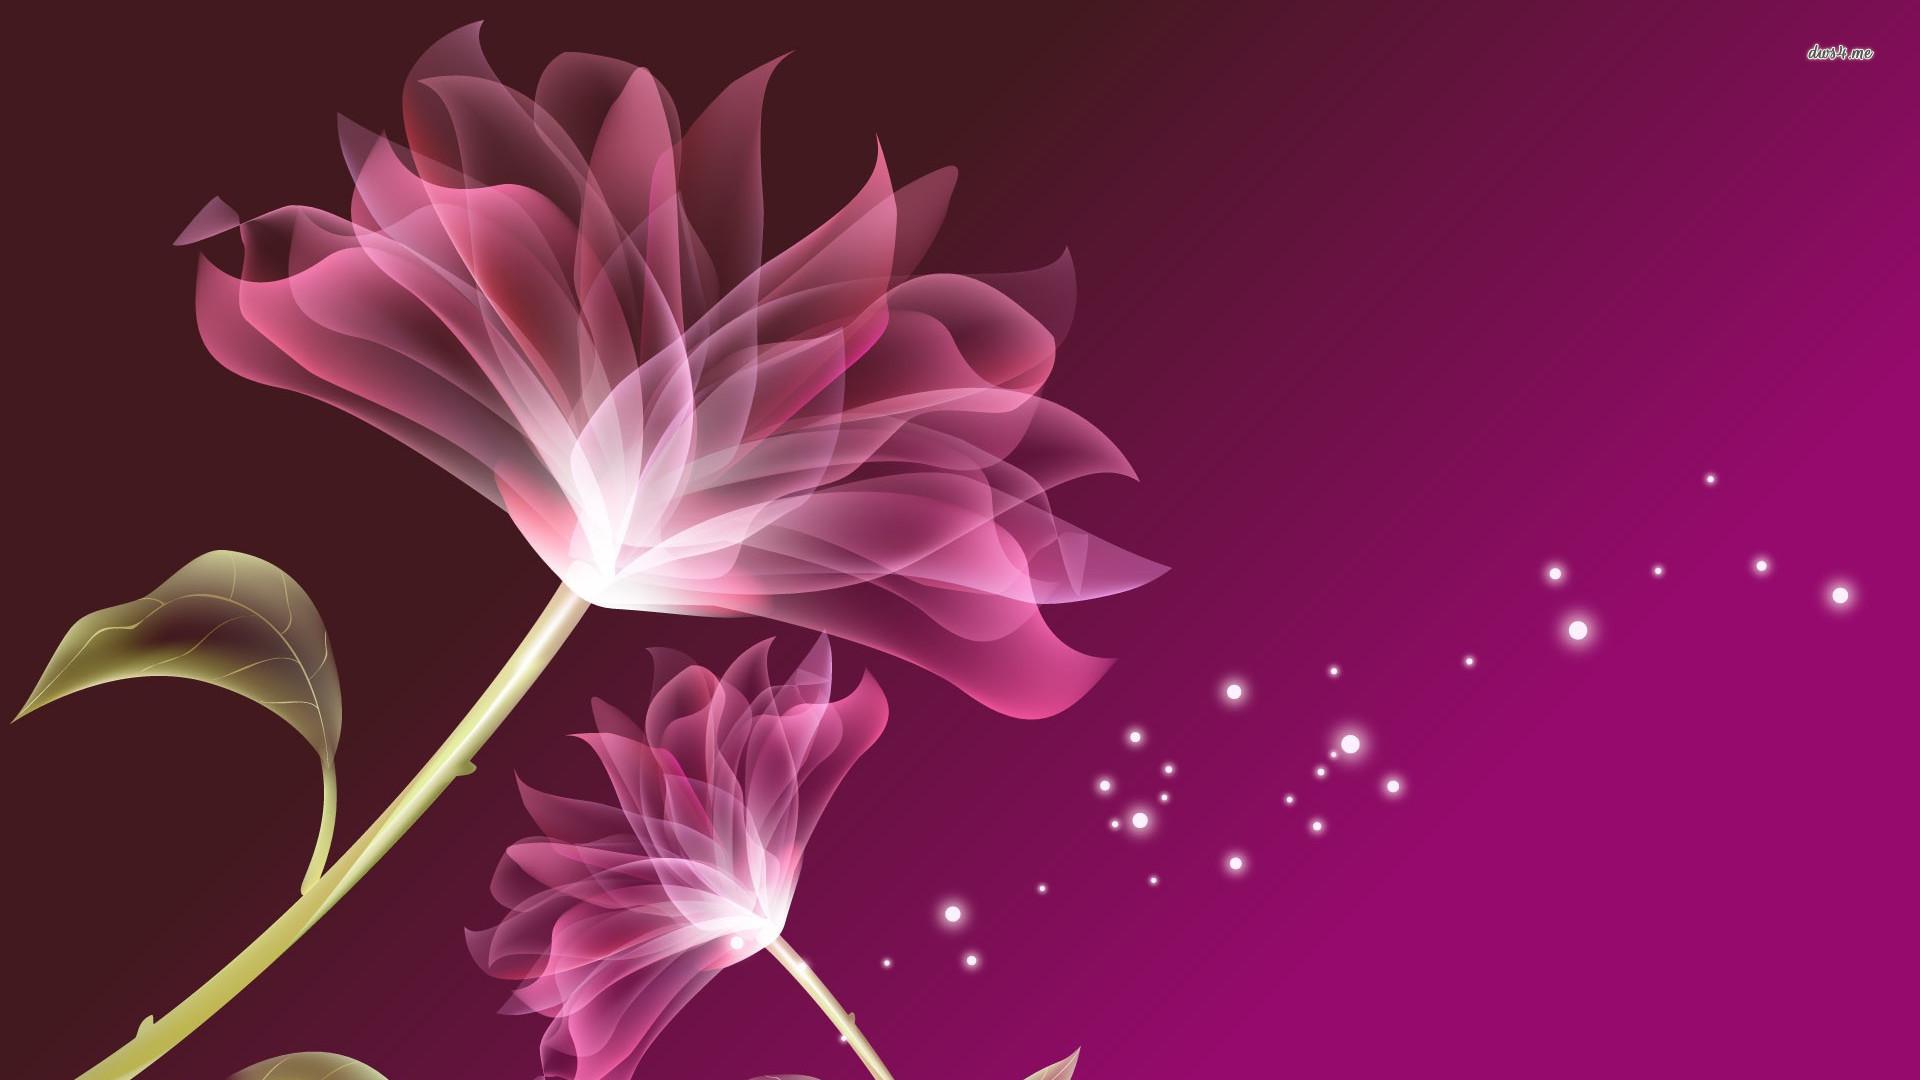 Purple flower Digital Art HD desktop wallpaper, Leaf wallpaper, Sparkle  wallpaper, Floral wallpaper – Digital Art no.